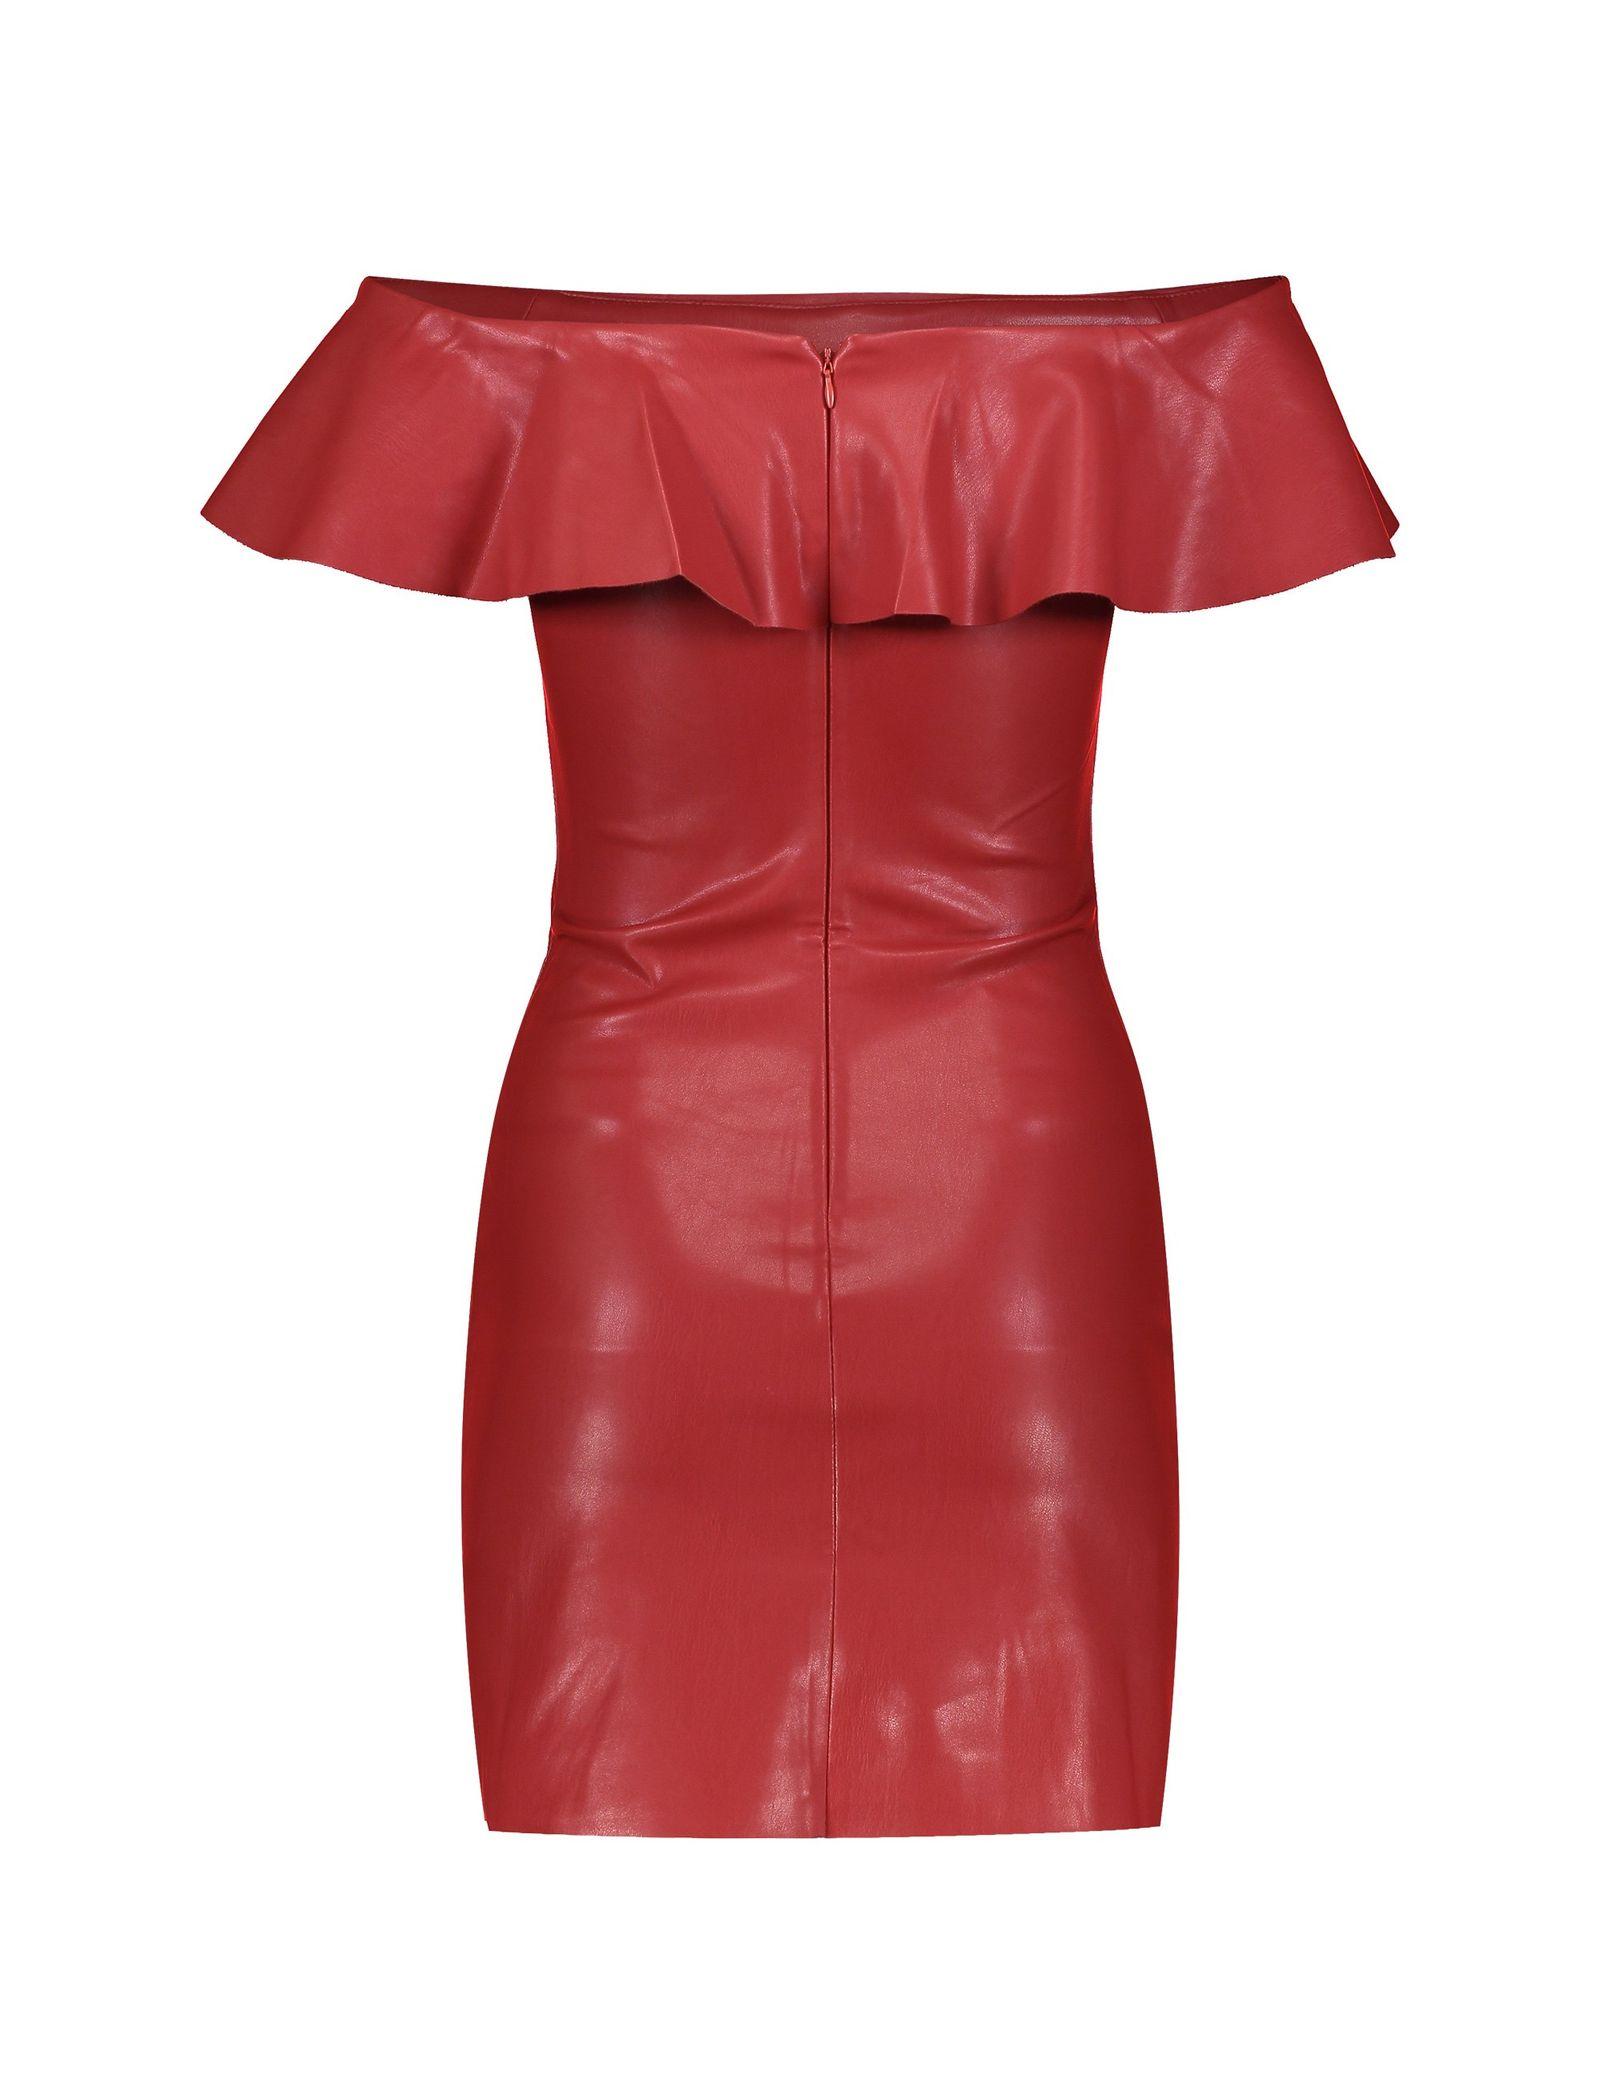 پیراهن کوتاه زنانه - مانگو - قرمز - 2